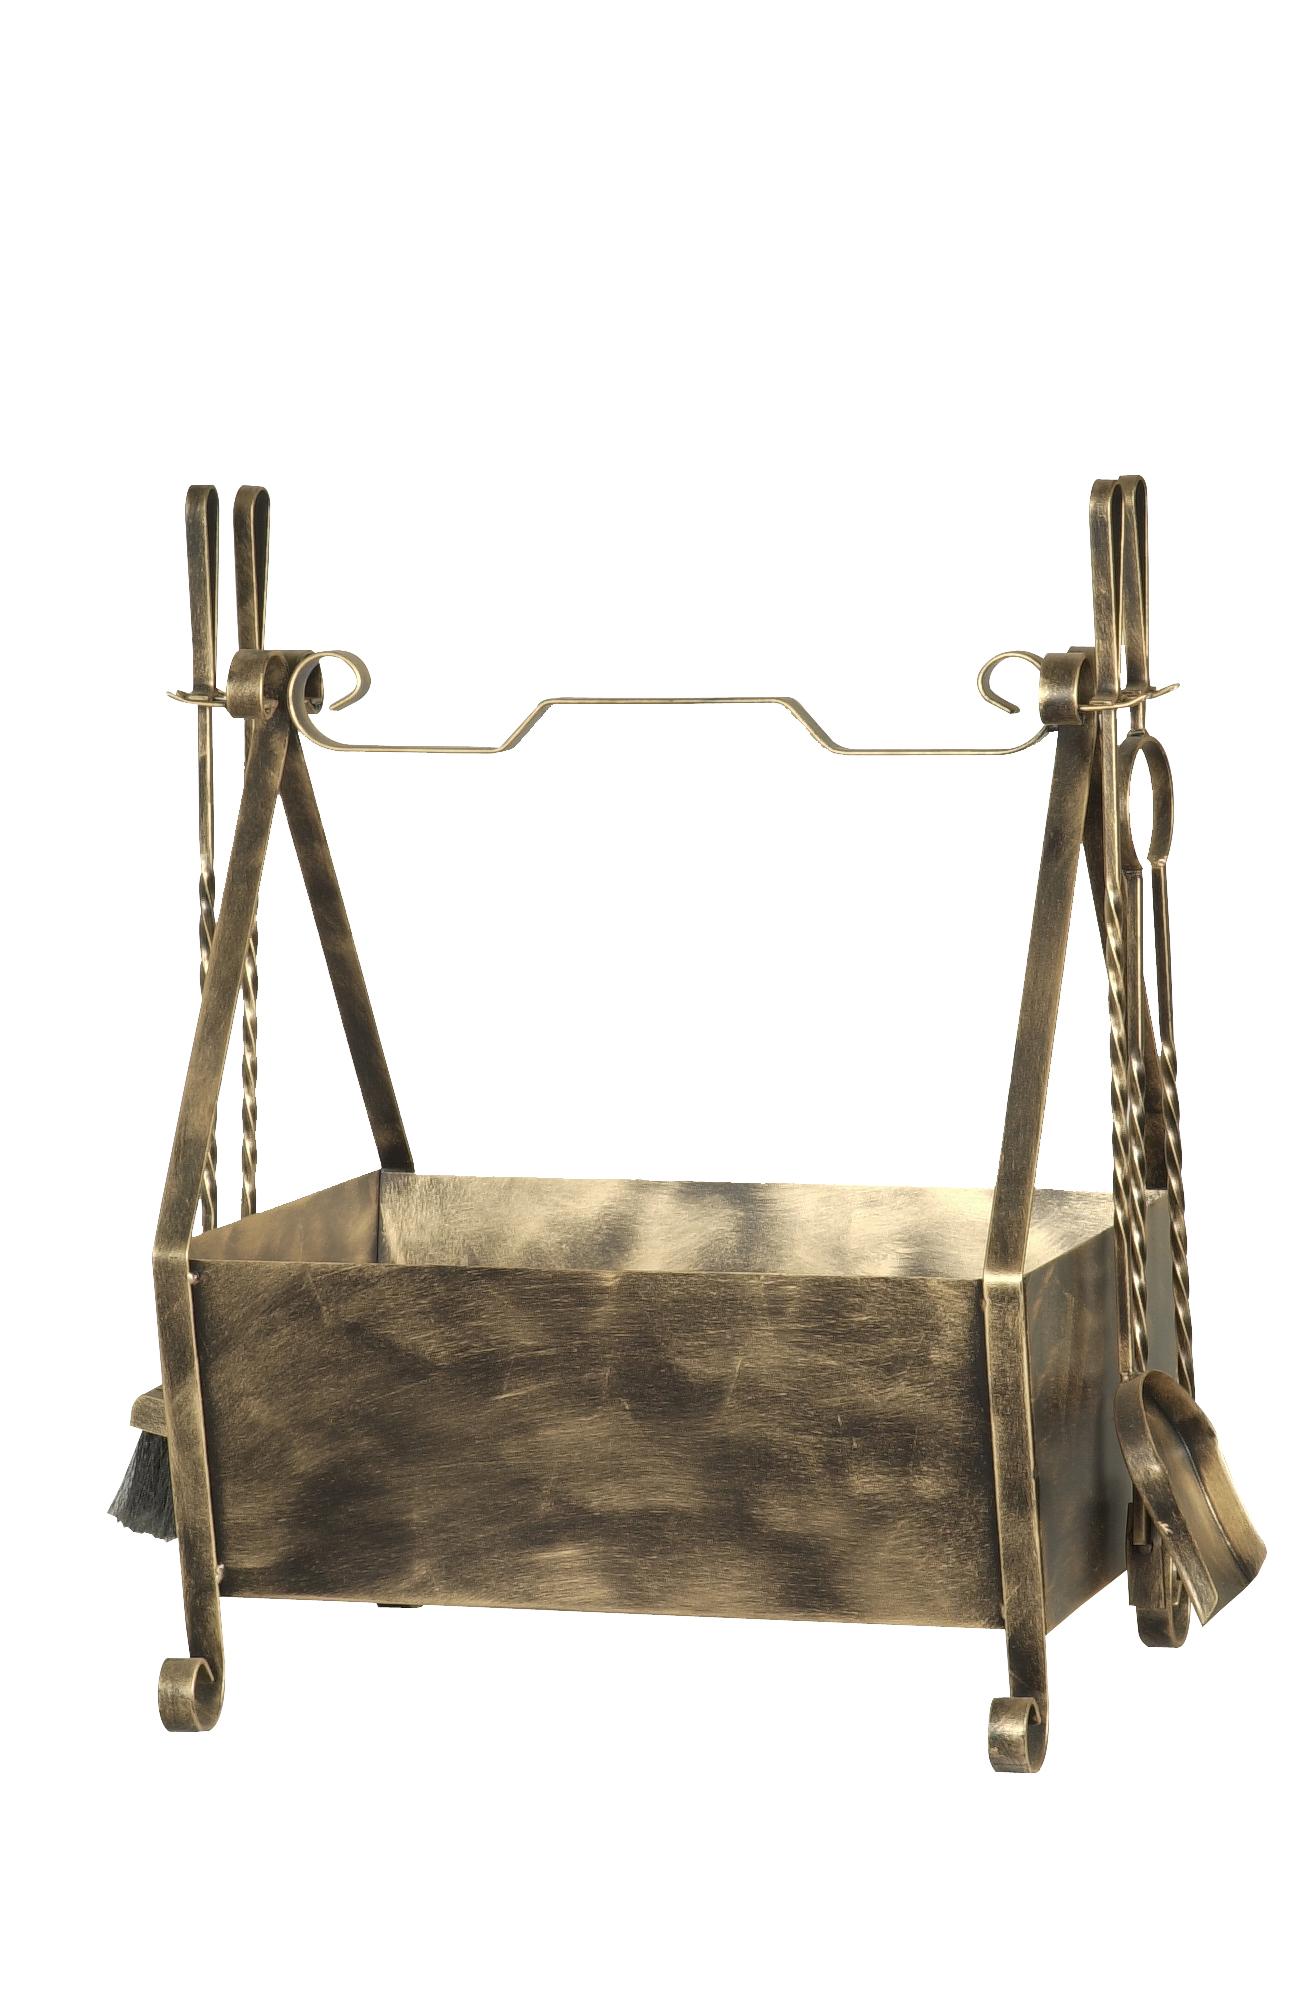 Kit de limpeza para lareira com cesto de lenha cabo ferro (Cód. 232)